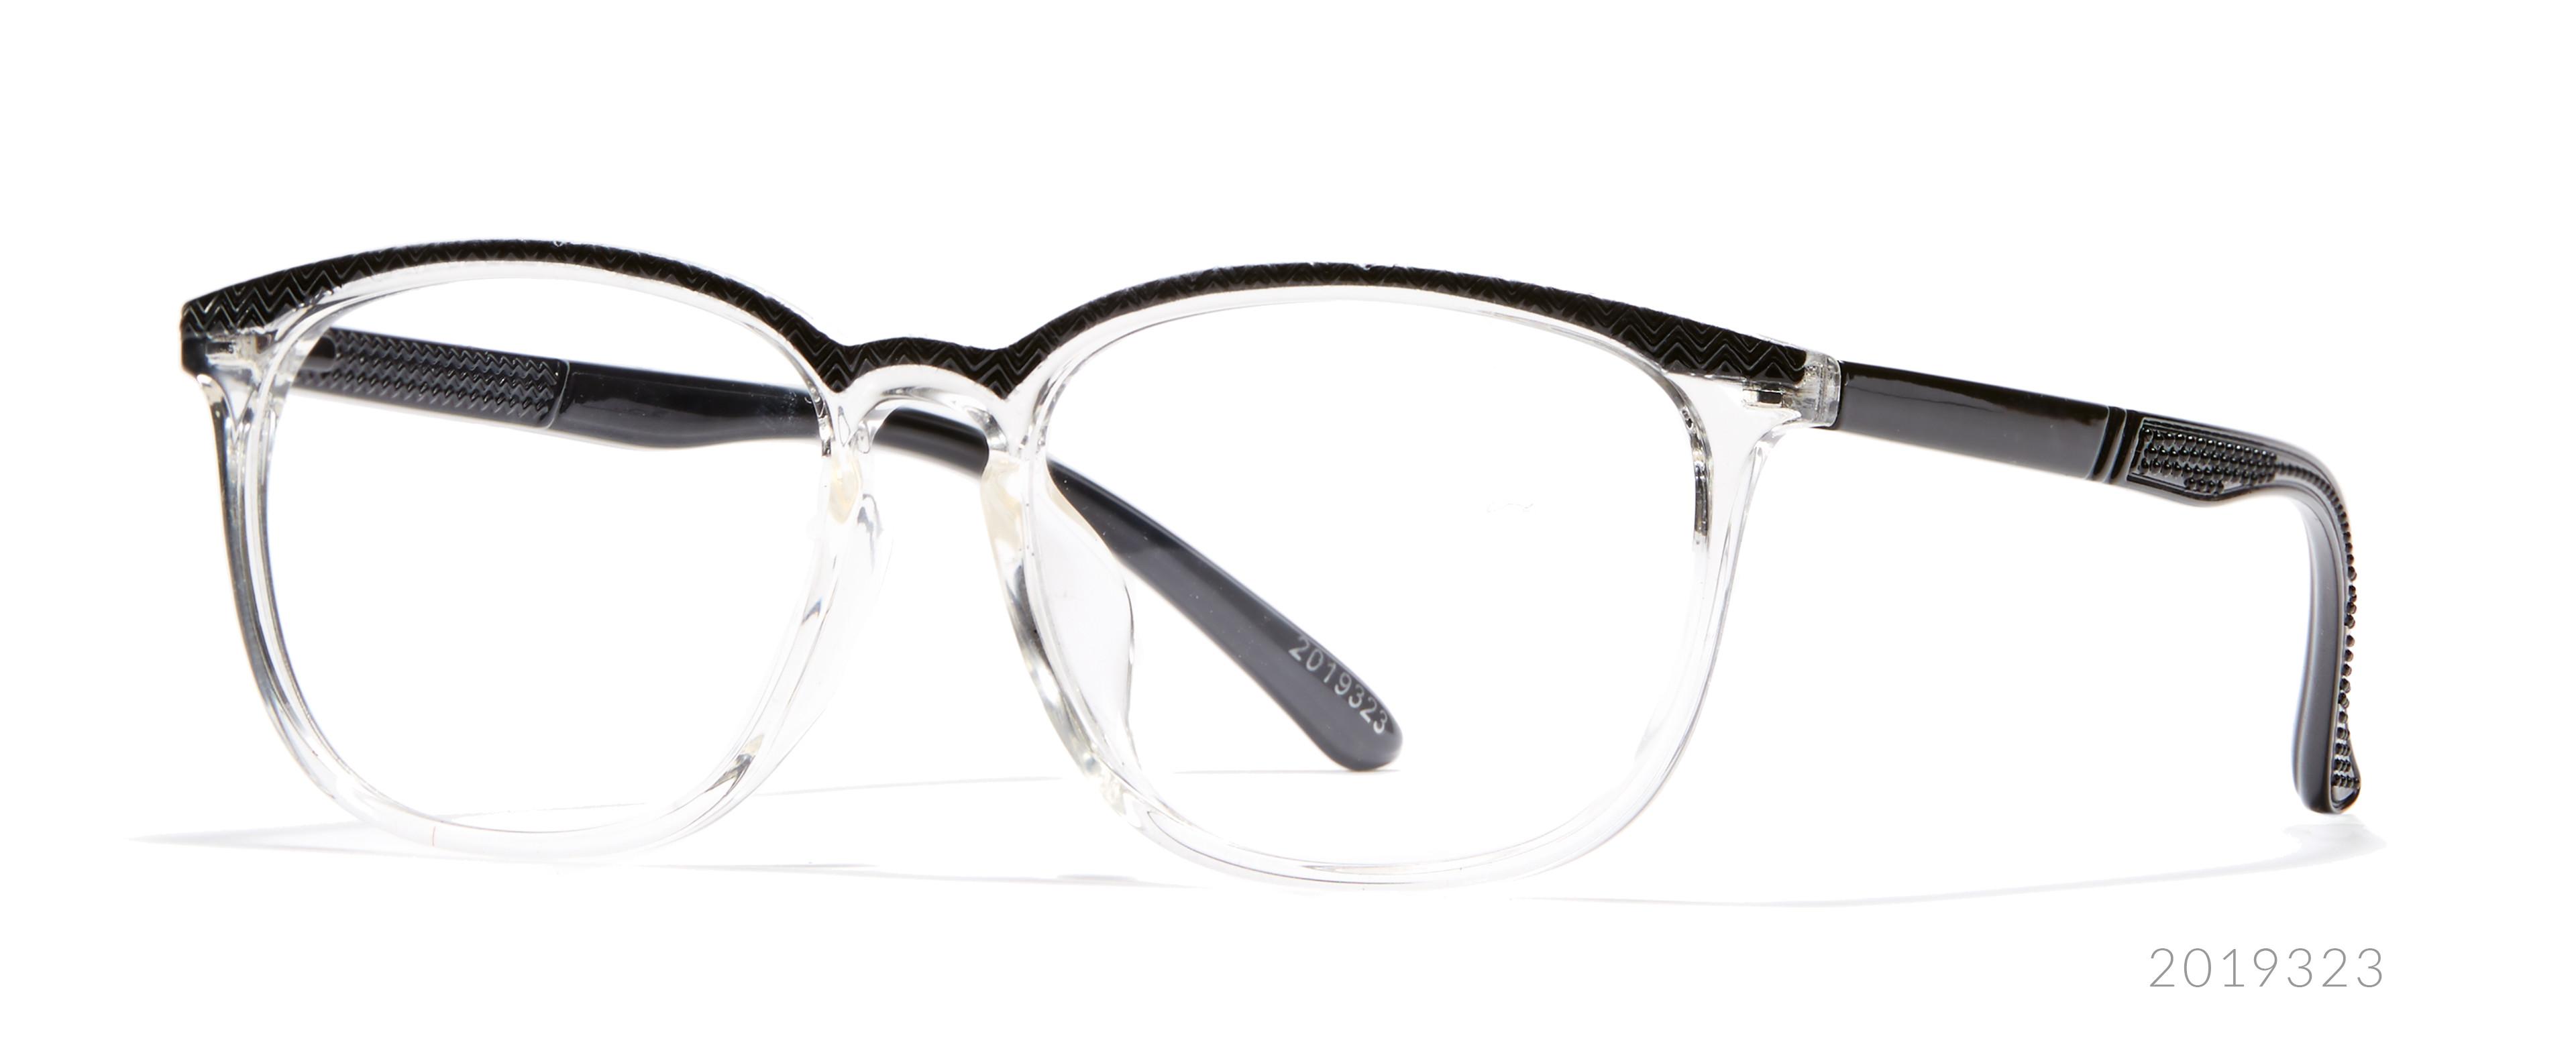 eye glasses for diamond faces